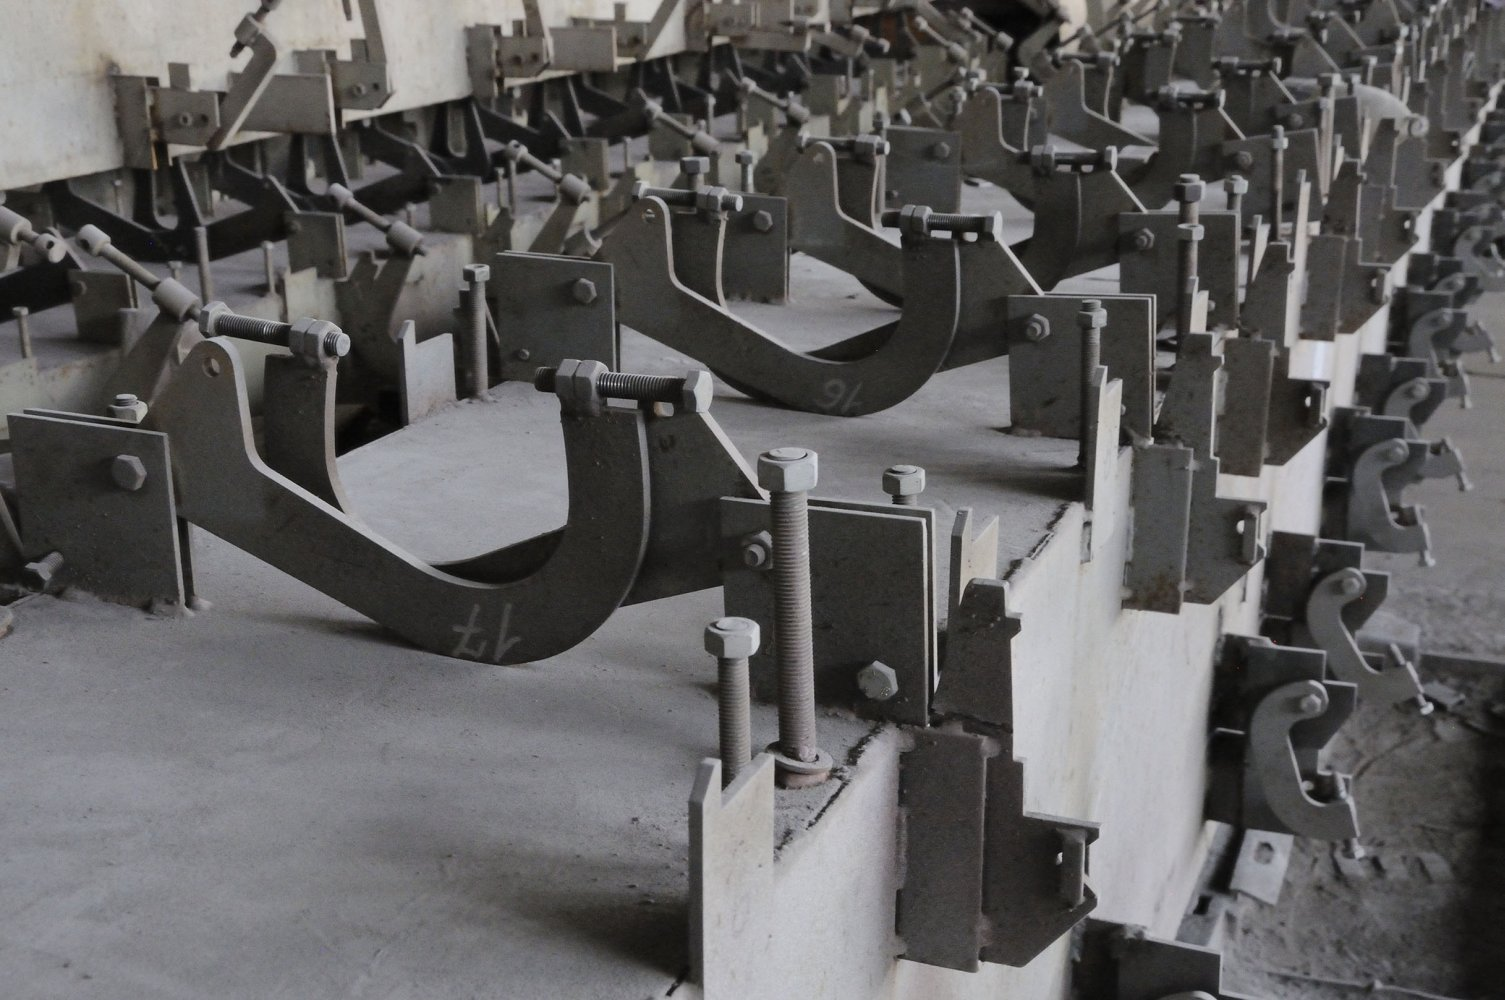 СТО 311.01.00.000 Комплект стапелей для сборки каркасов колен телескопических стрел (ООО «Пожарные Системы»)